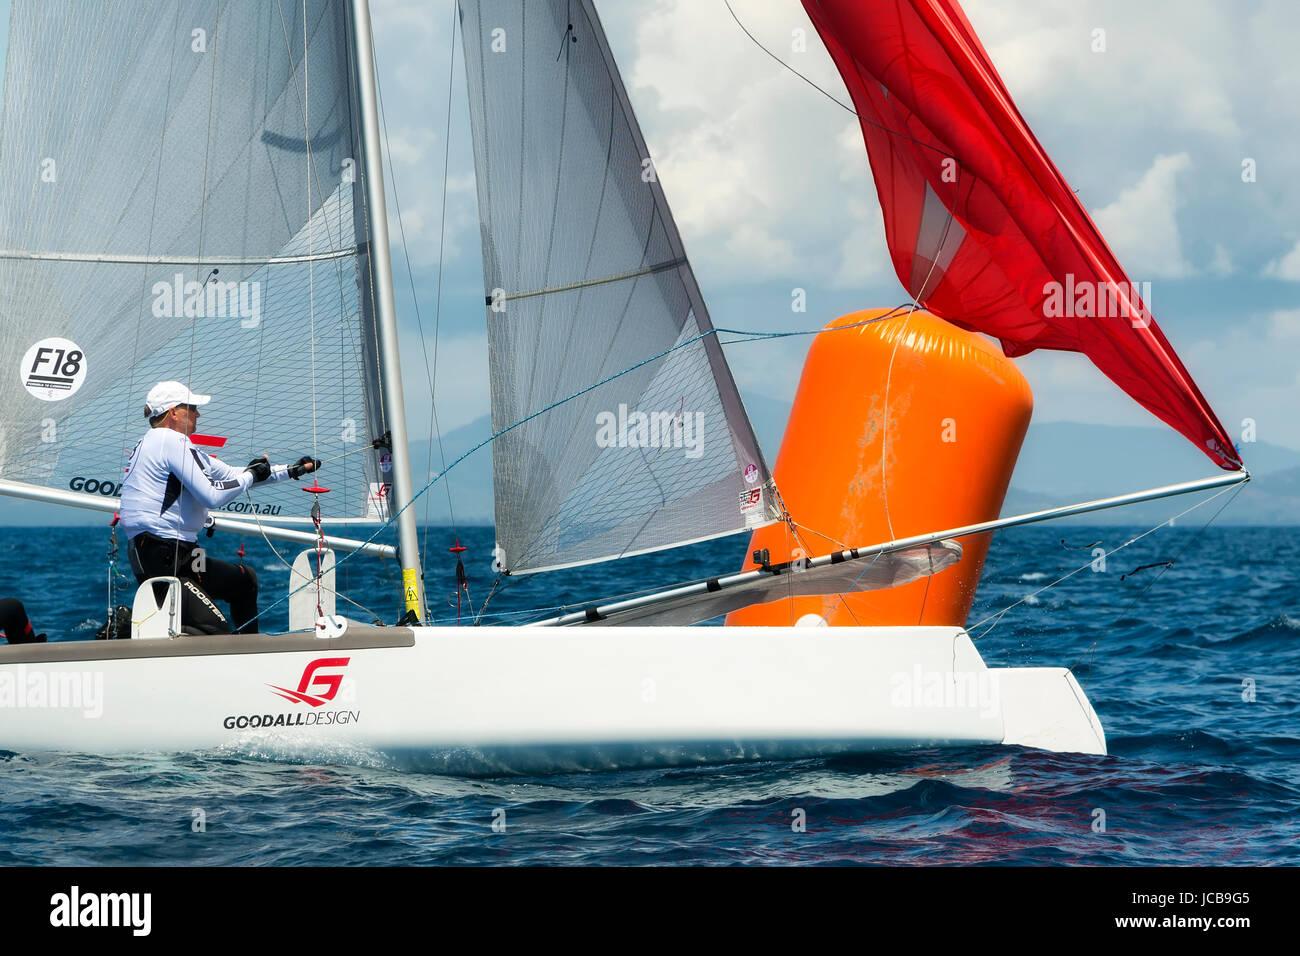 PUNTA ALA - 3 giugno: atleta sulla vela Formula 18 catamarano nazionale regata, il 3 giugno 2016 a Punta Ala, Italia Immagini Stock